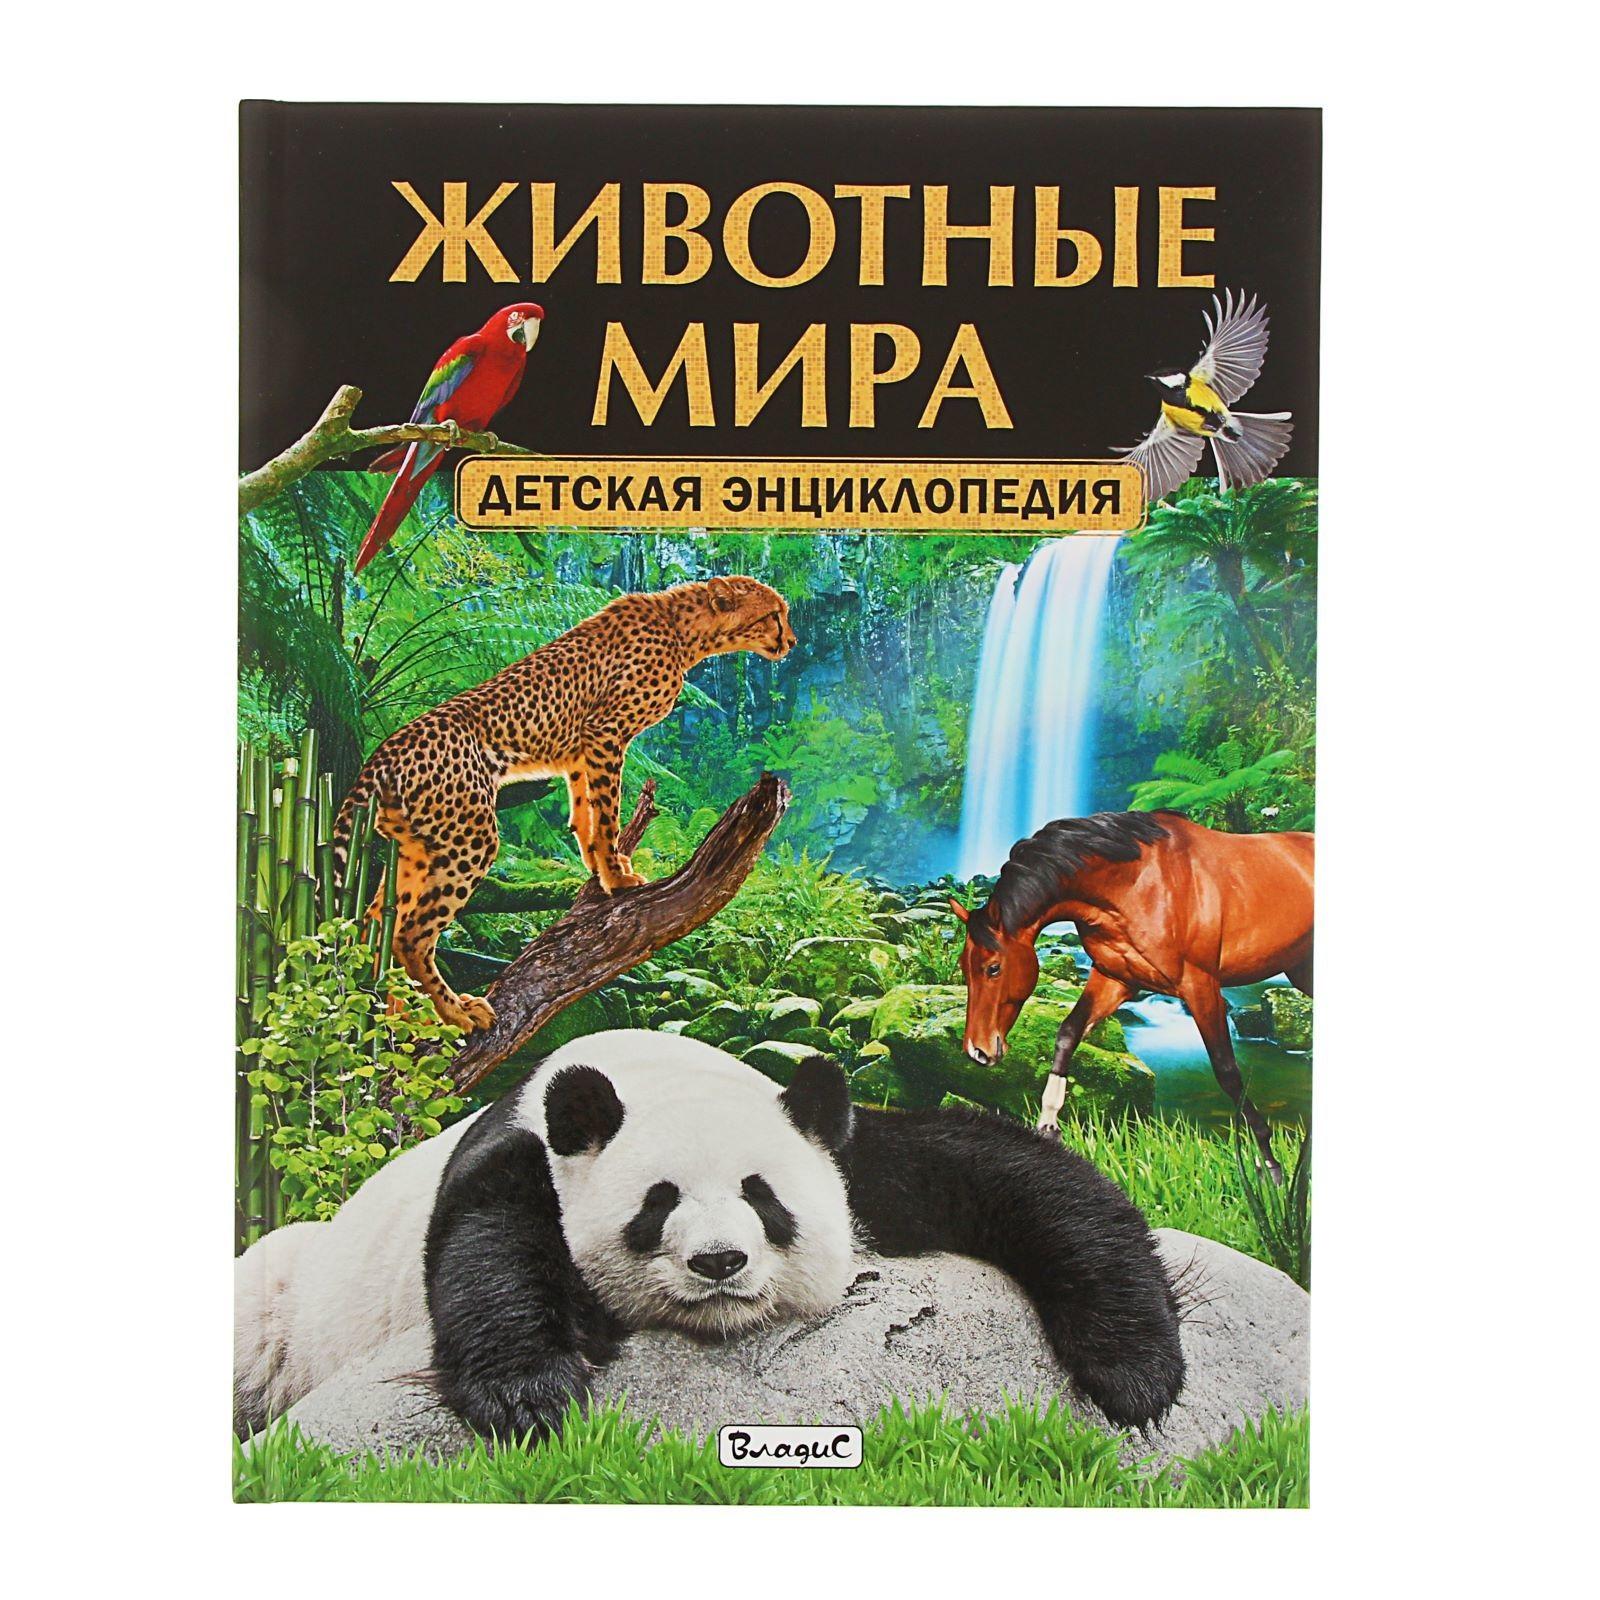 еще энциклопедии про животных фото эффект